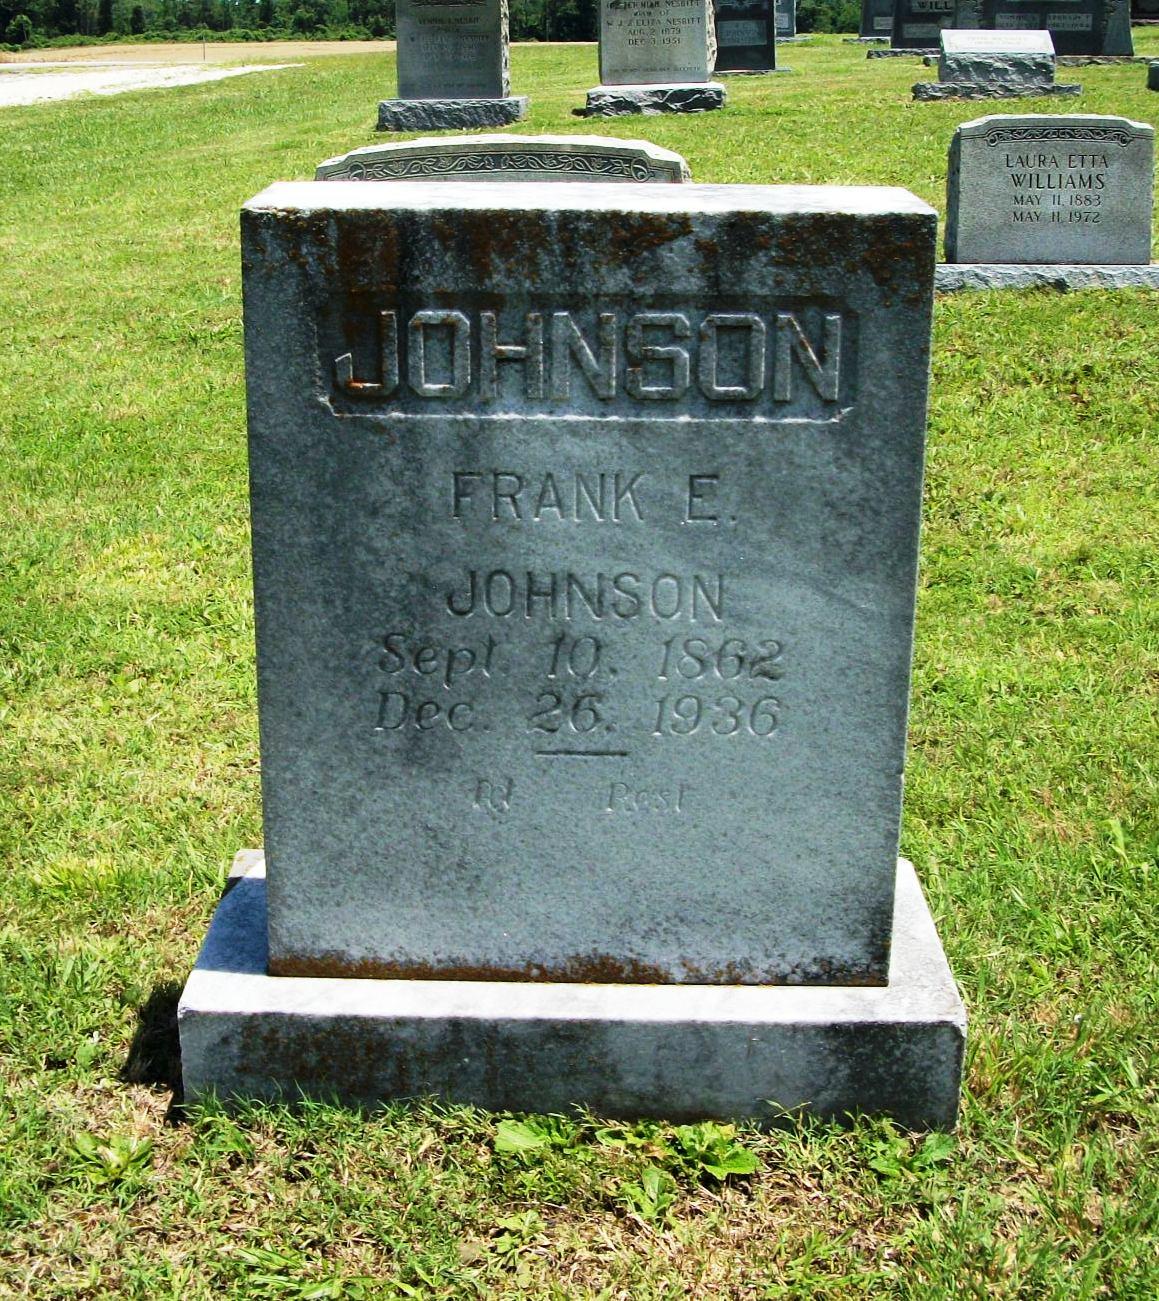 Frank Ebert Johnson